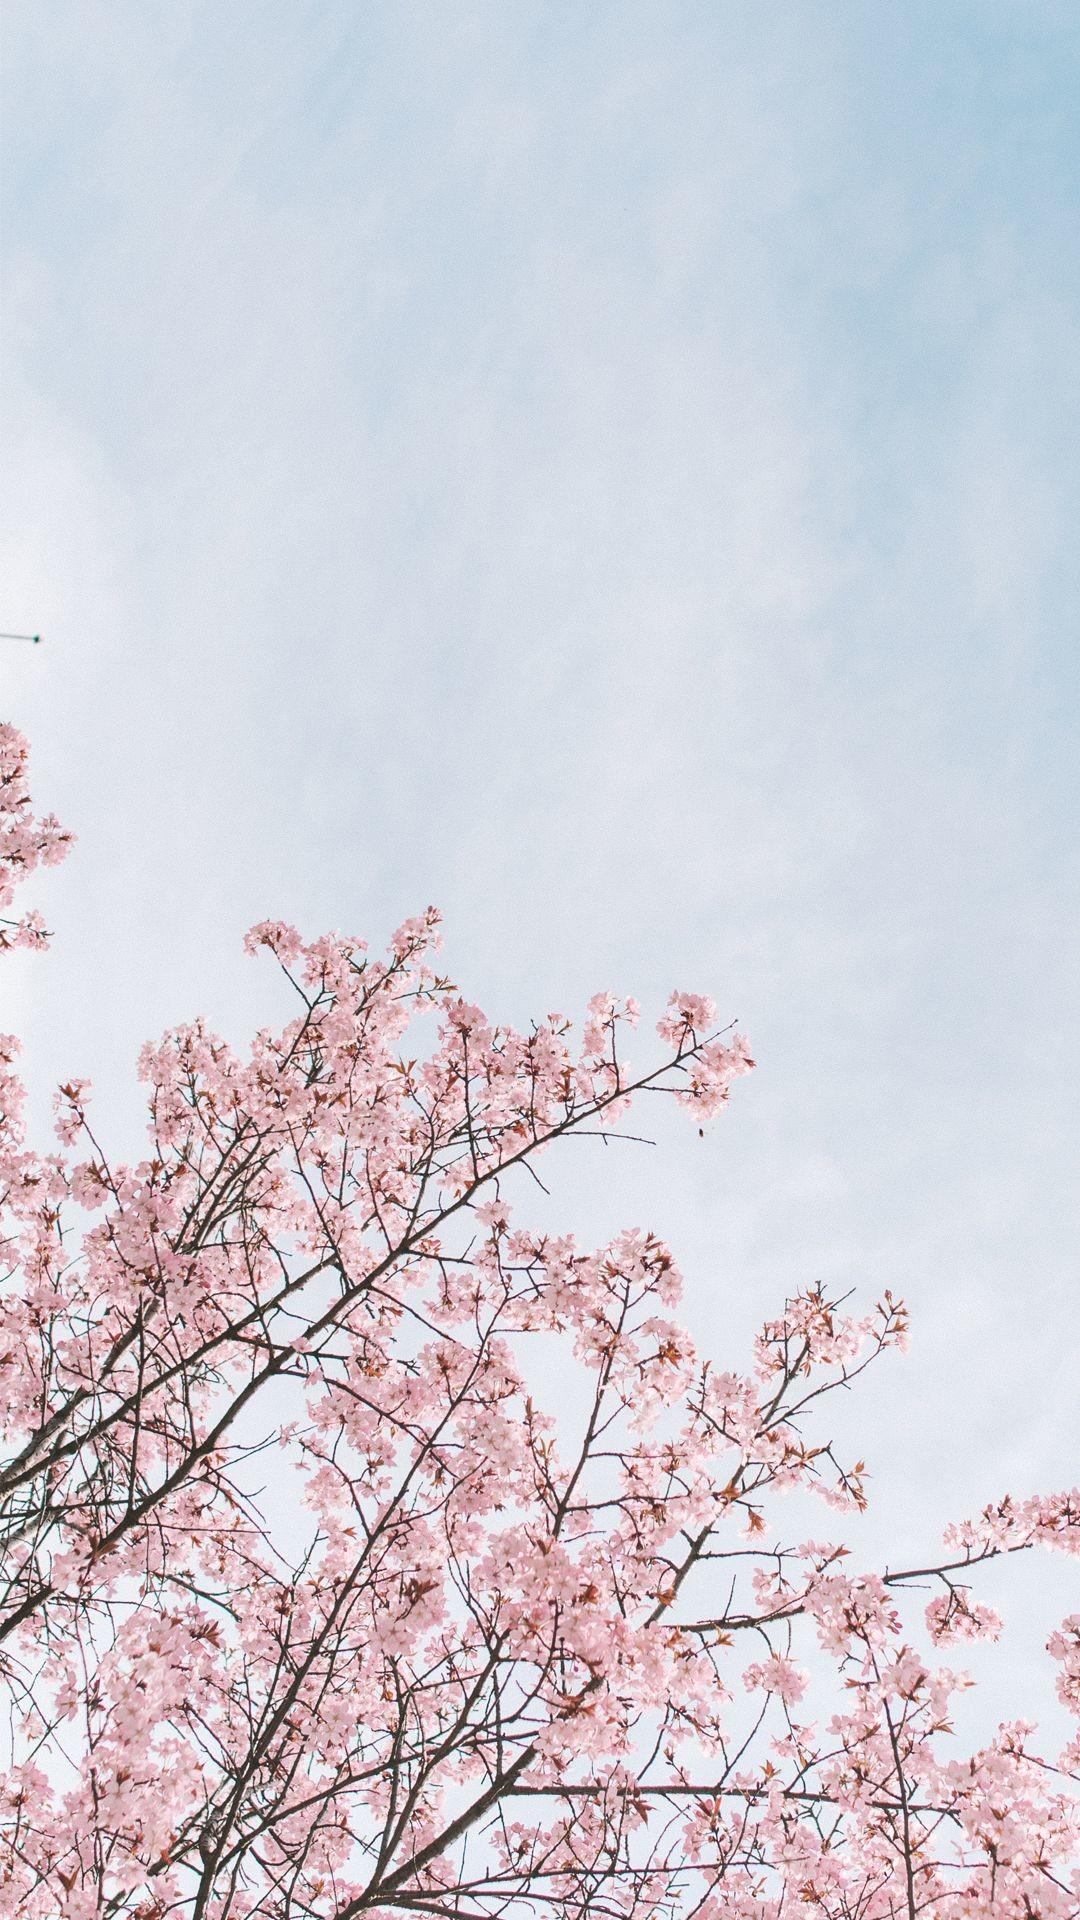 Aesthetic Background Japanese Cherry Blossom Wallpaper   allwallpaper 1080x1920